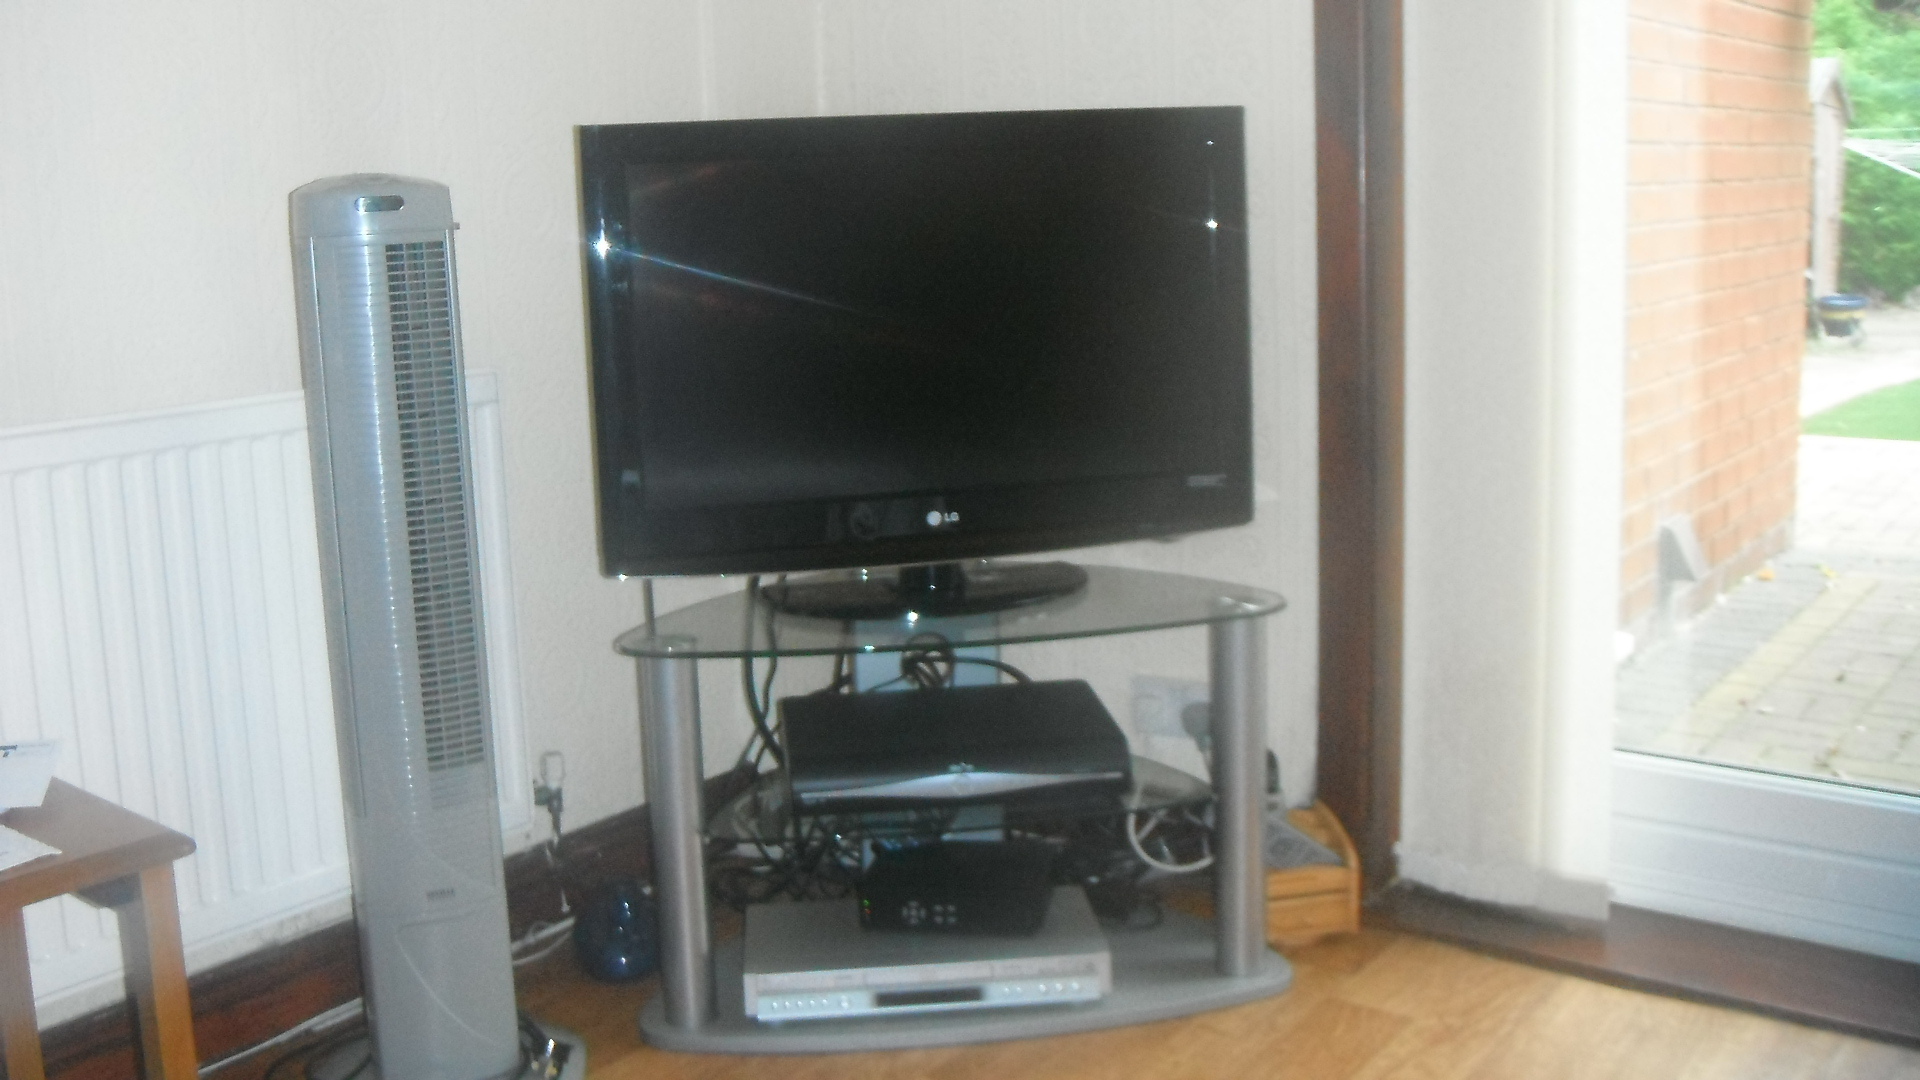 Photo – My TV set, taken by me.